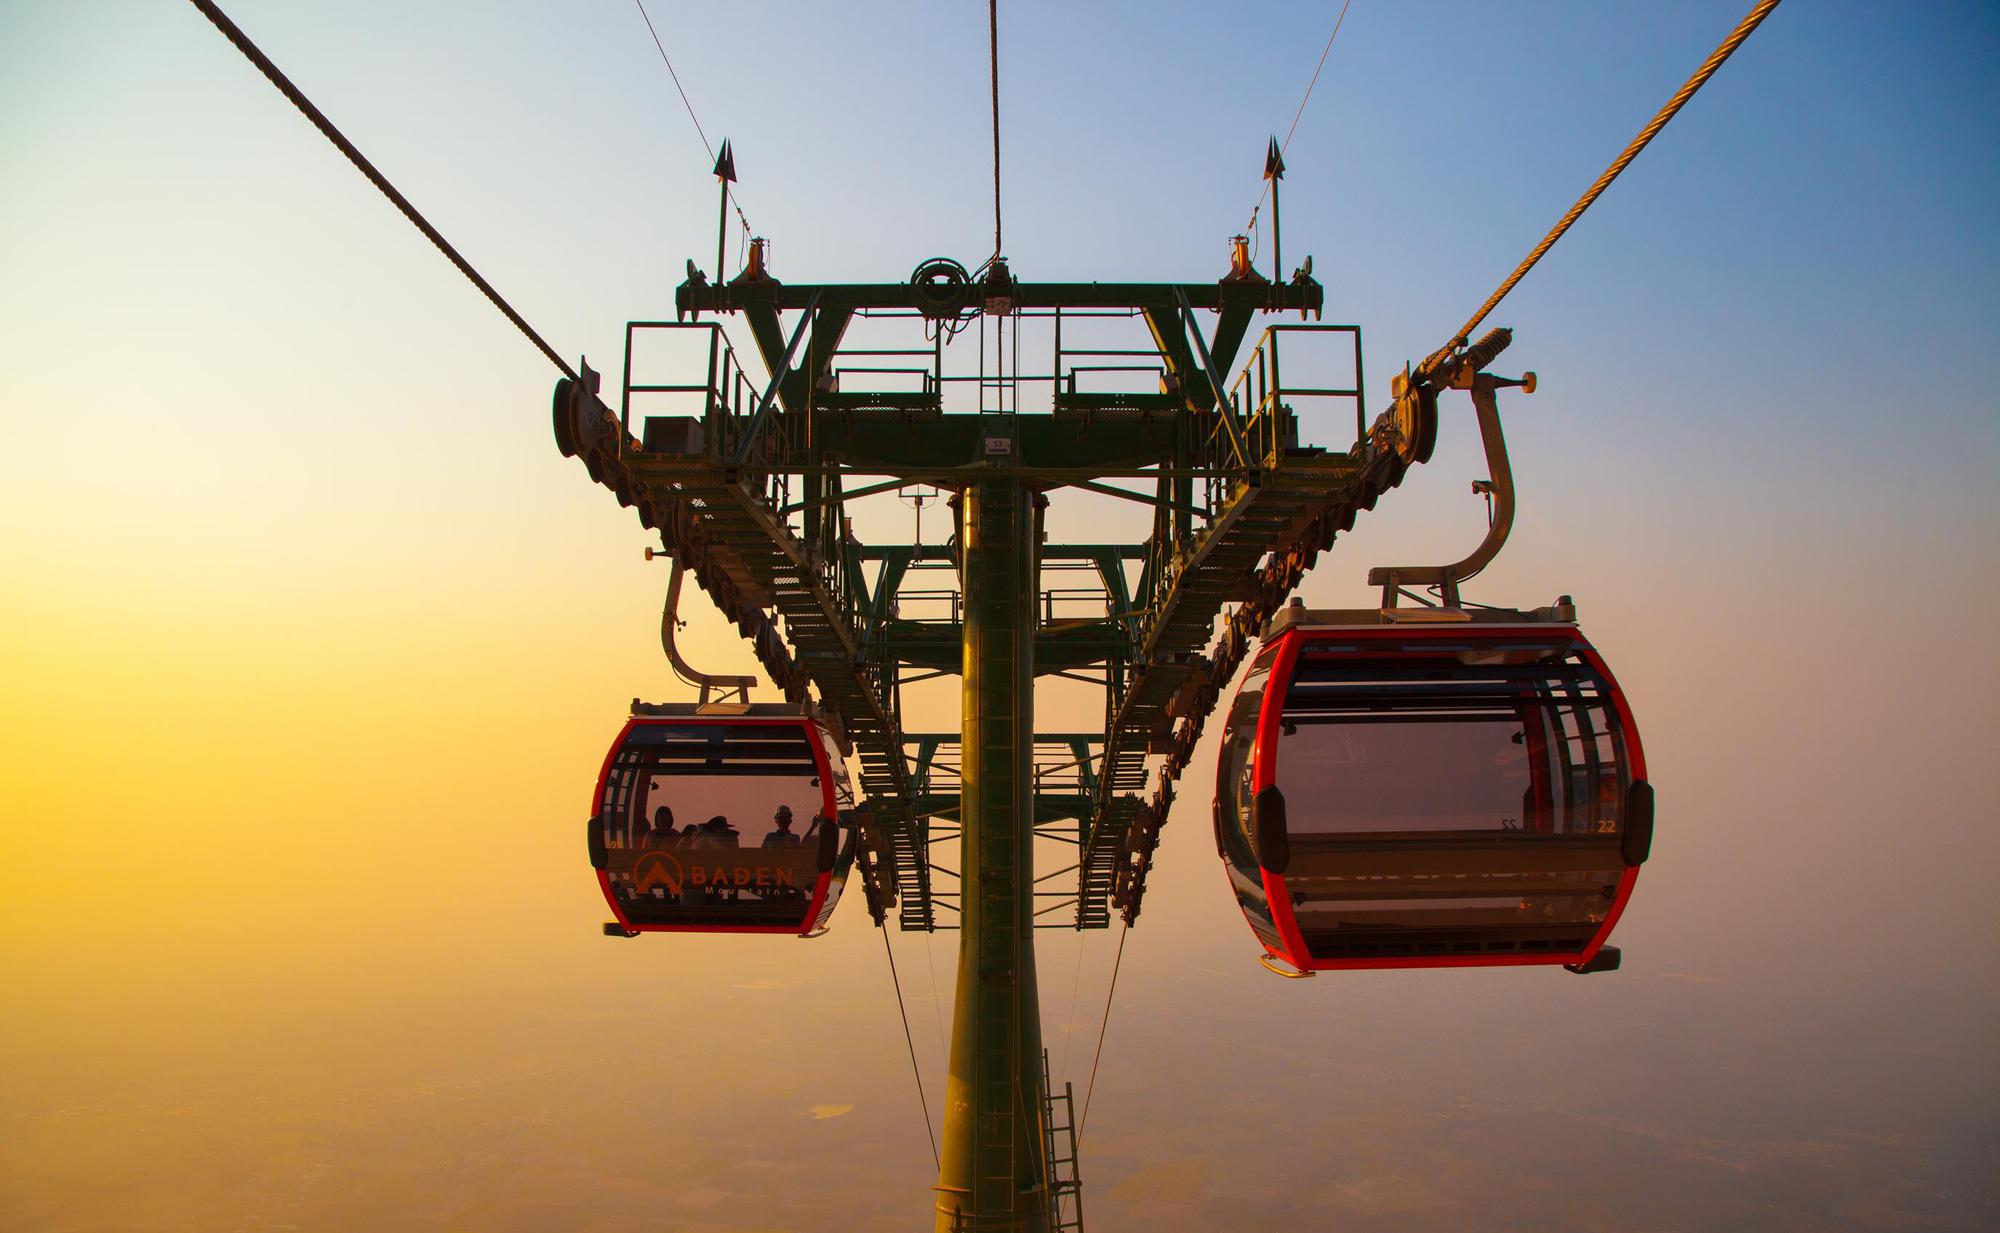 """Khai trương hệ thống cáp treo sở hữu kỷ lục """"Nhà ga cáp treo lớn nhất thế giới"""" tại Tây Ninh - Ảnh 1."""